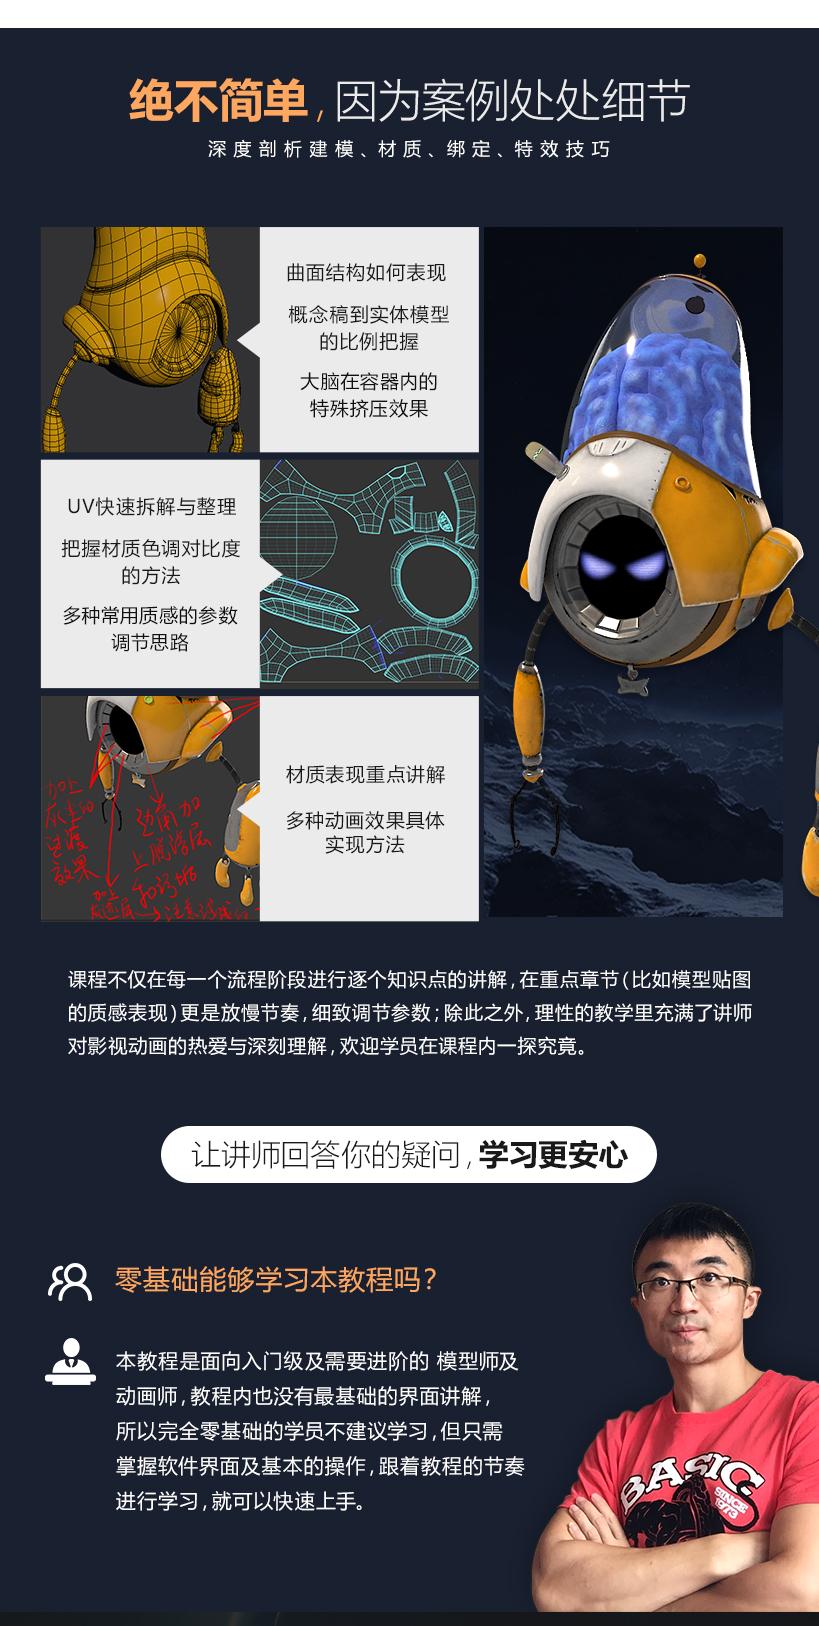 MAX科幻角色819-材质贴图篇PC端_06.jpg